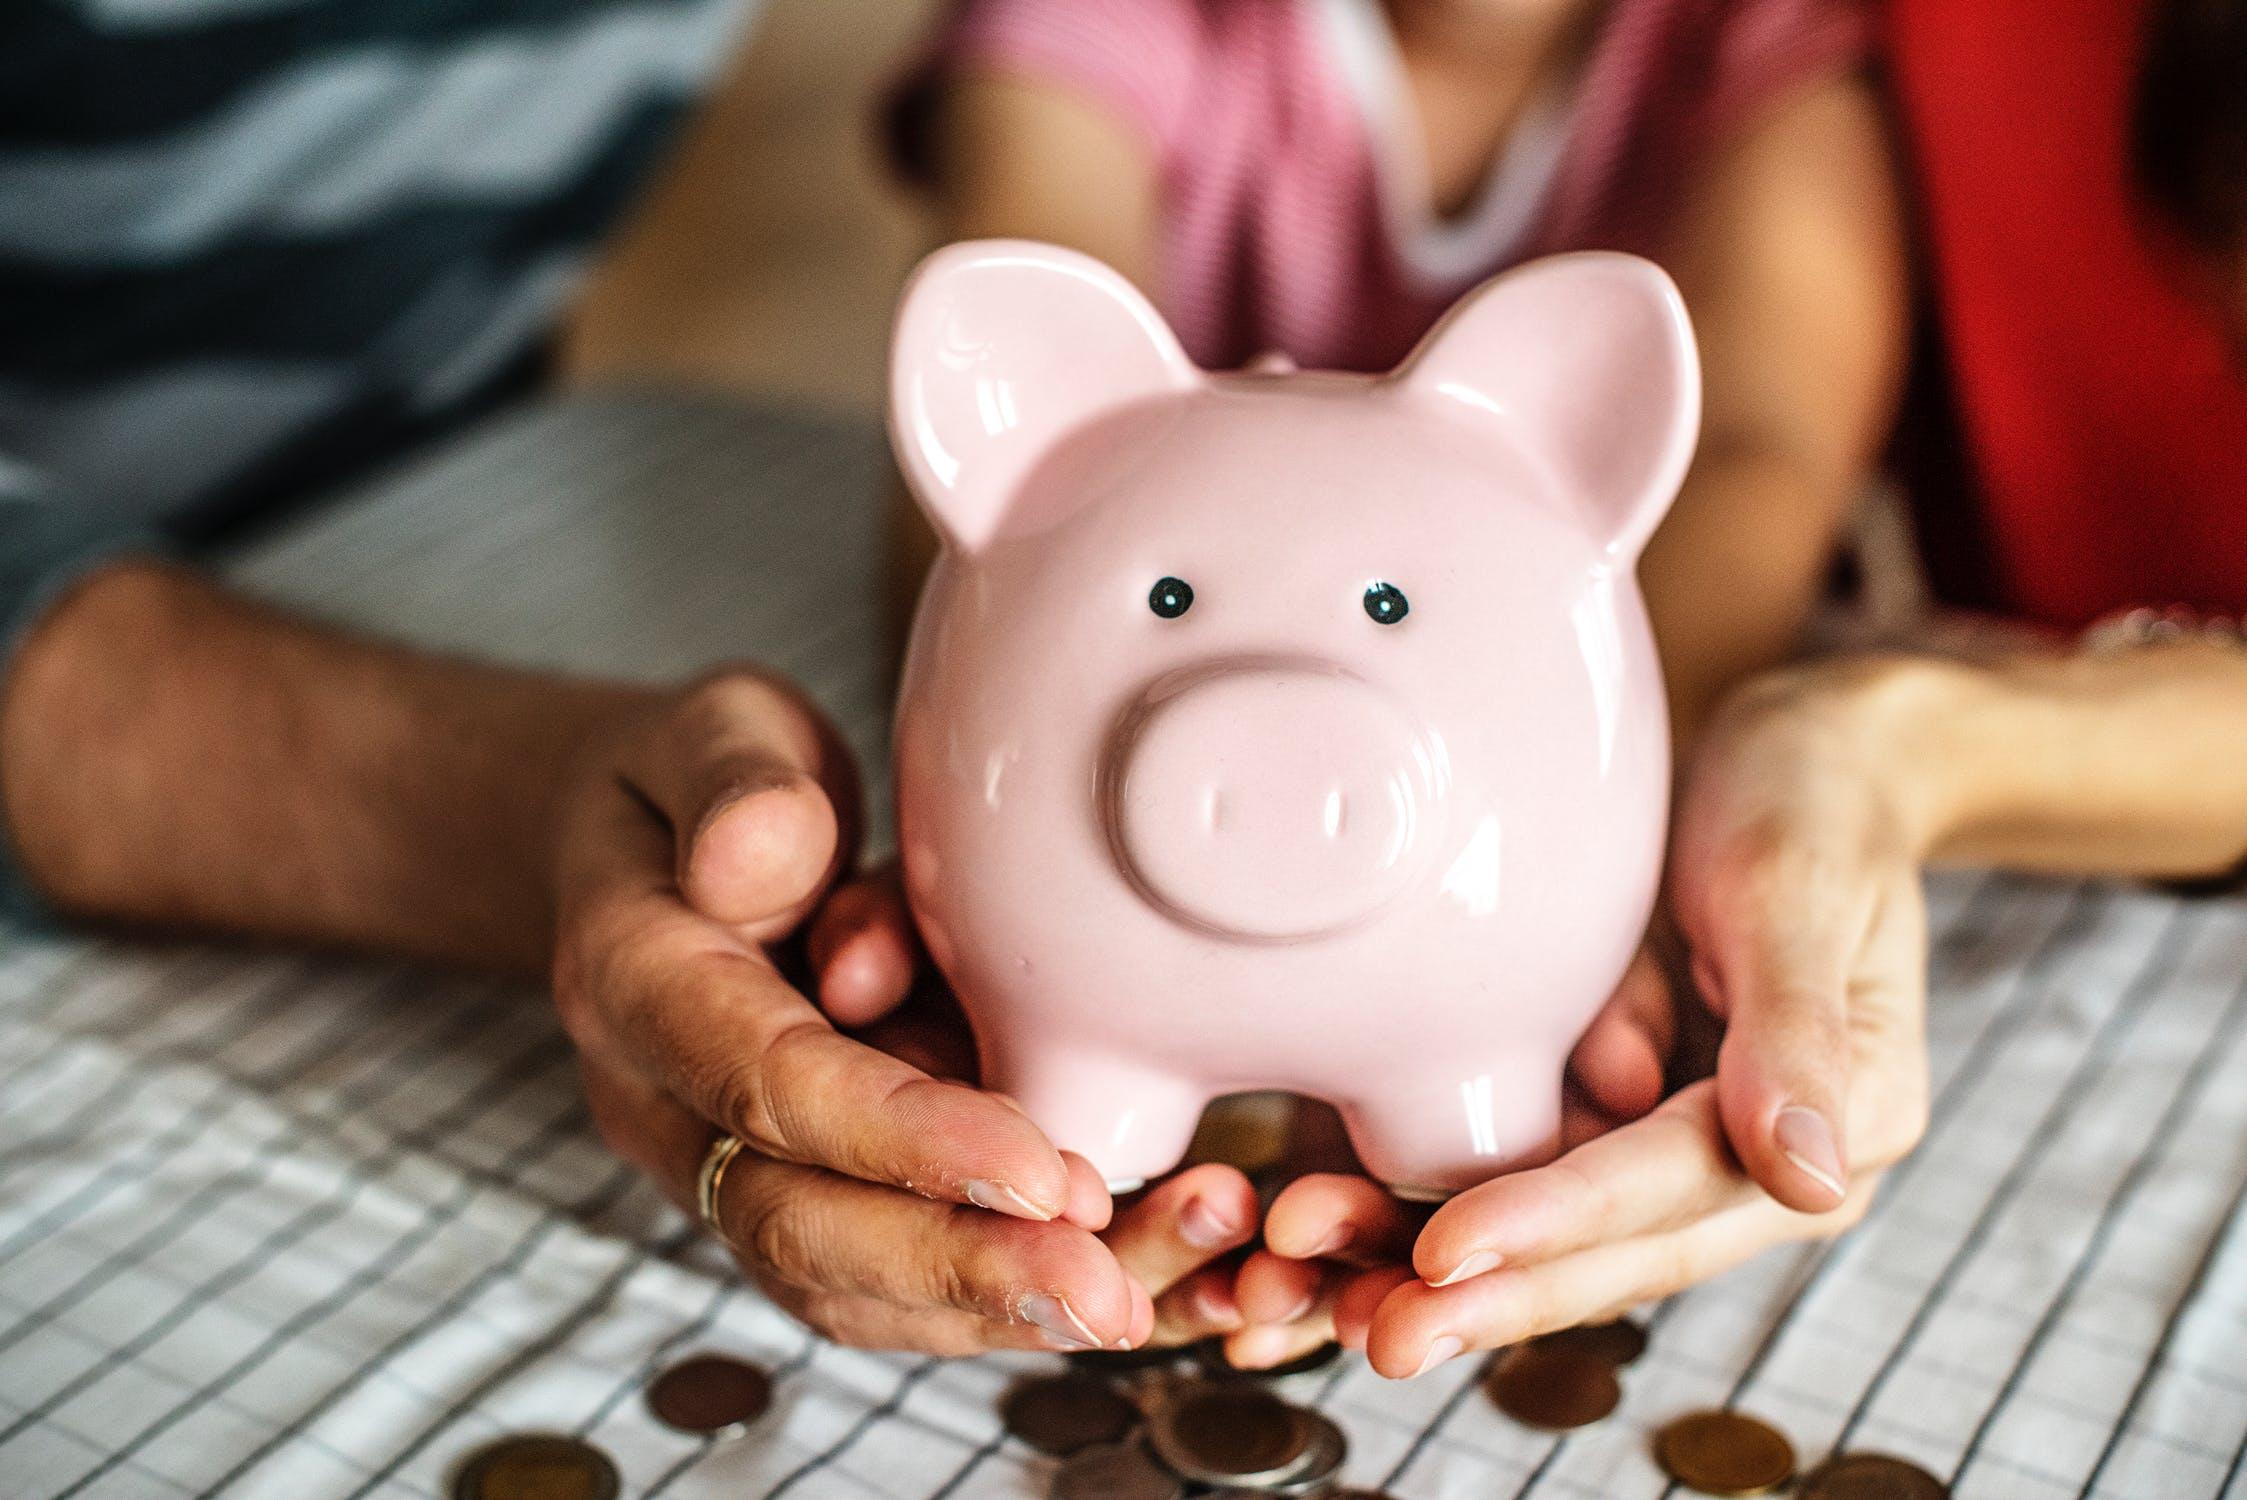 Labus Veidus Kā Tiešsaistē Pelnīt Naudu Attīstības stadijas valūtas tirgus